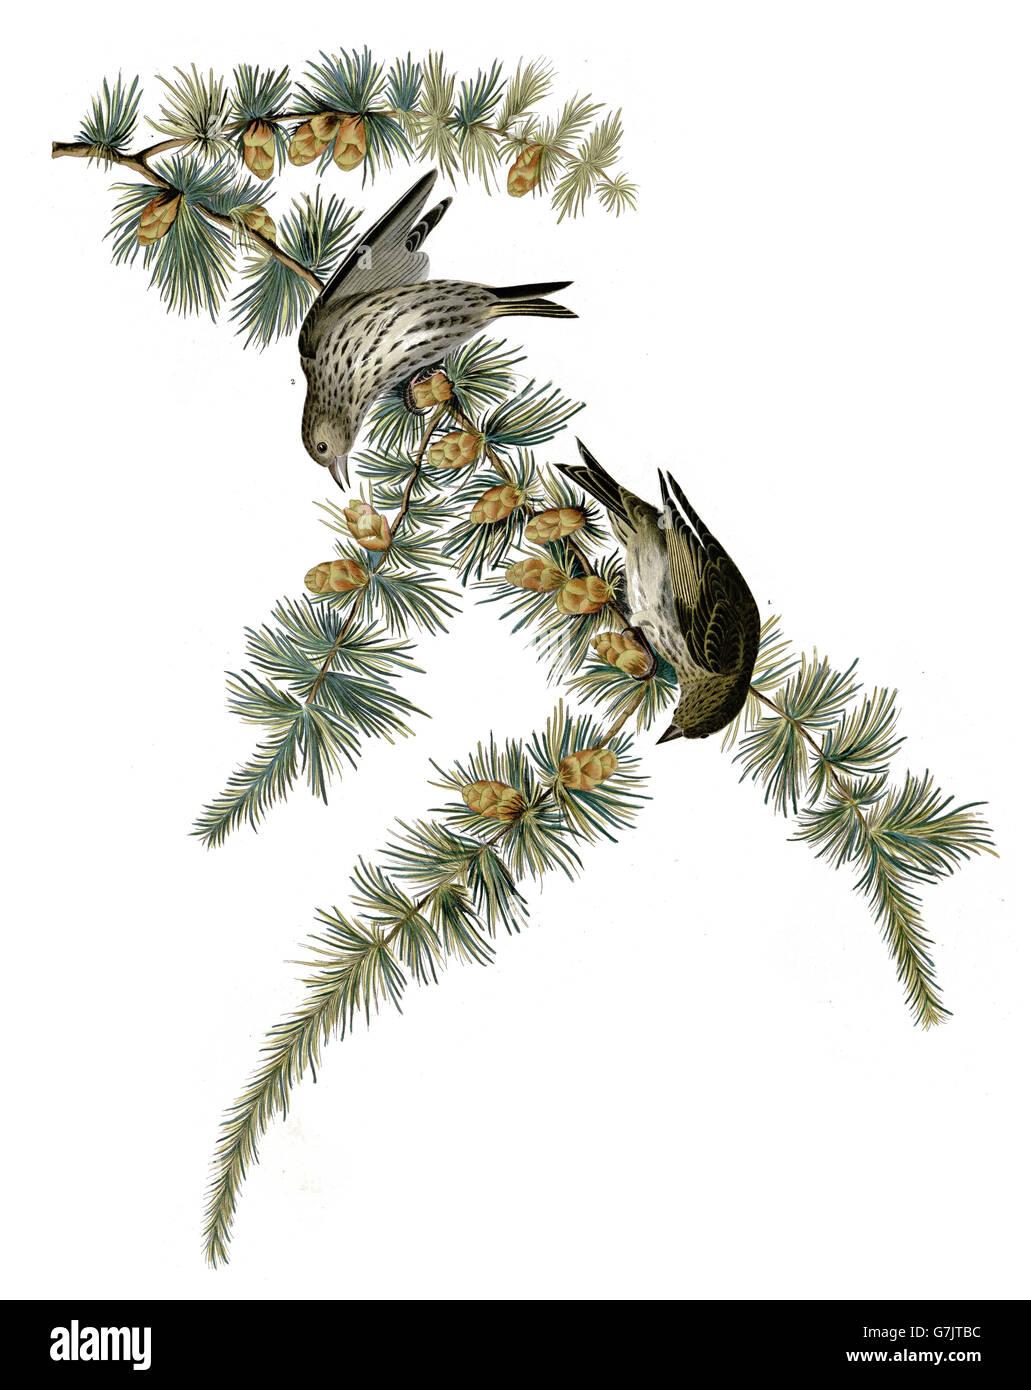 Pine Siskin, Carduelis pinus, birds, 1827 - 1838 - Stock Image